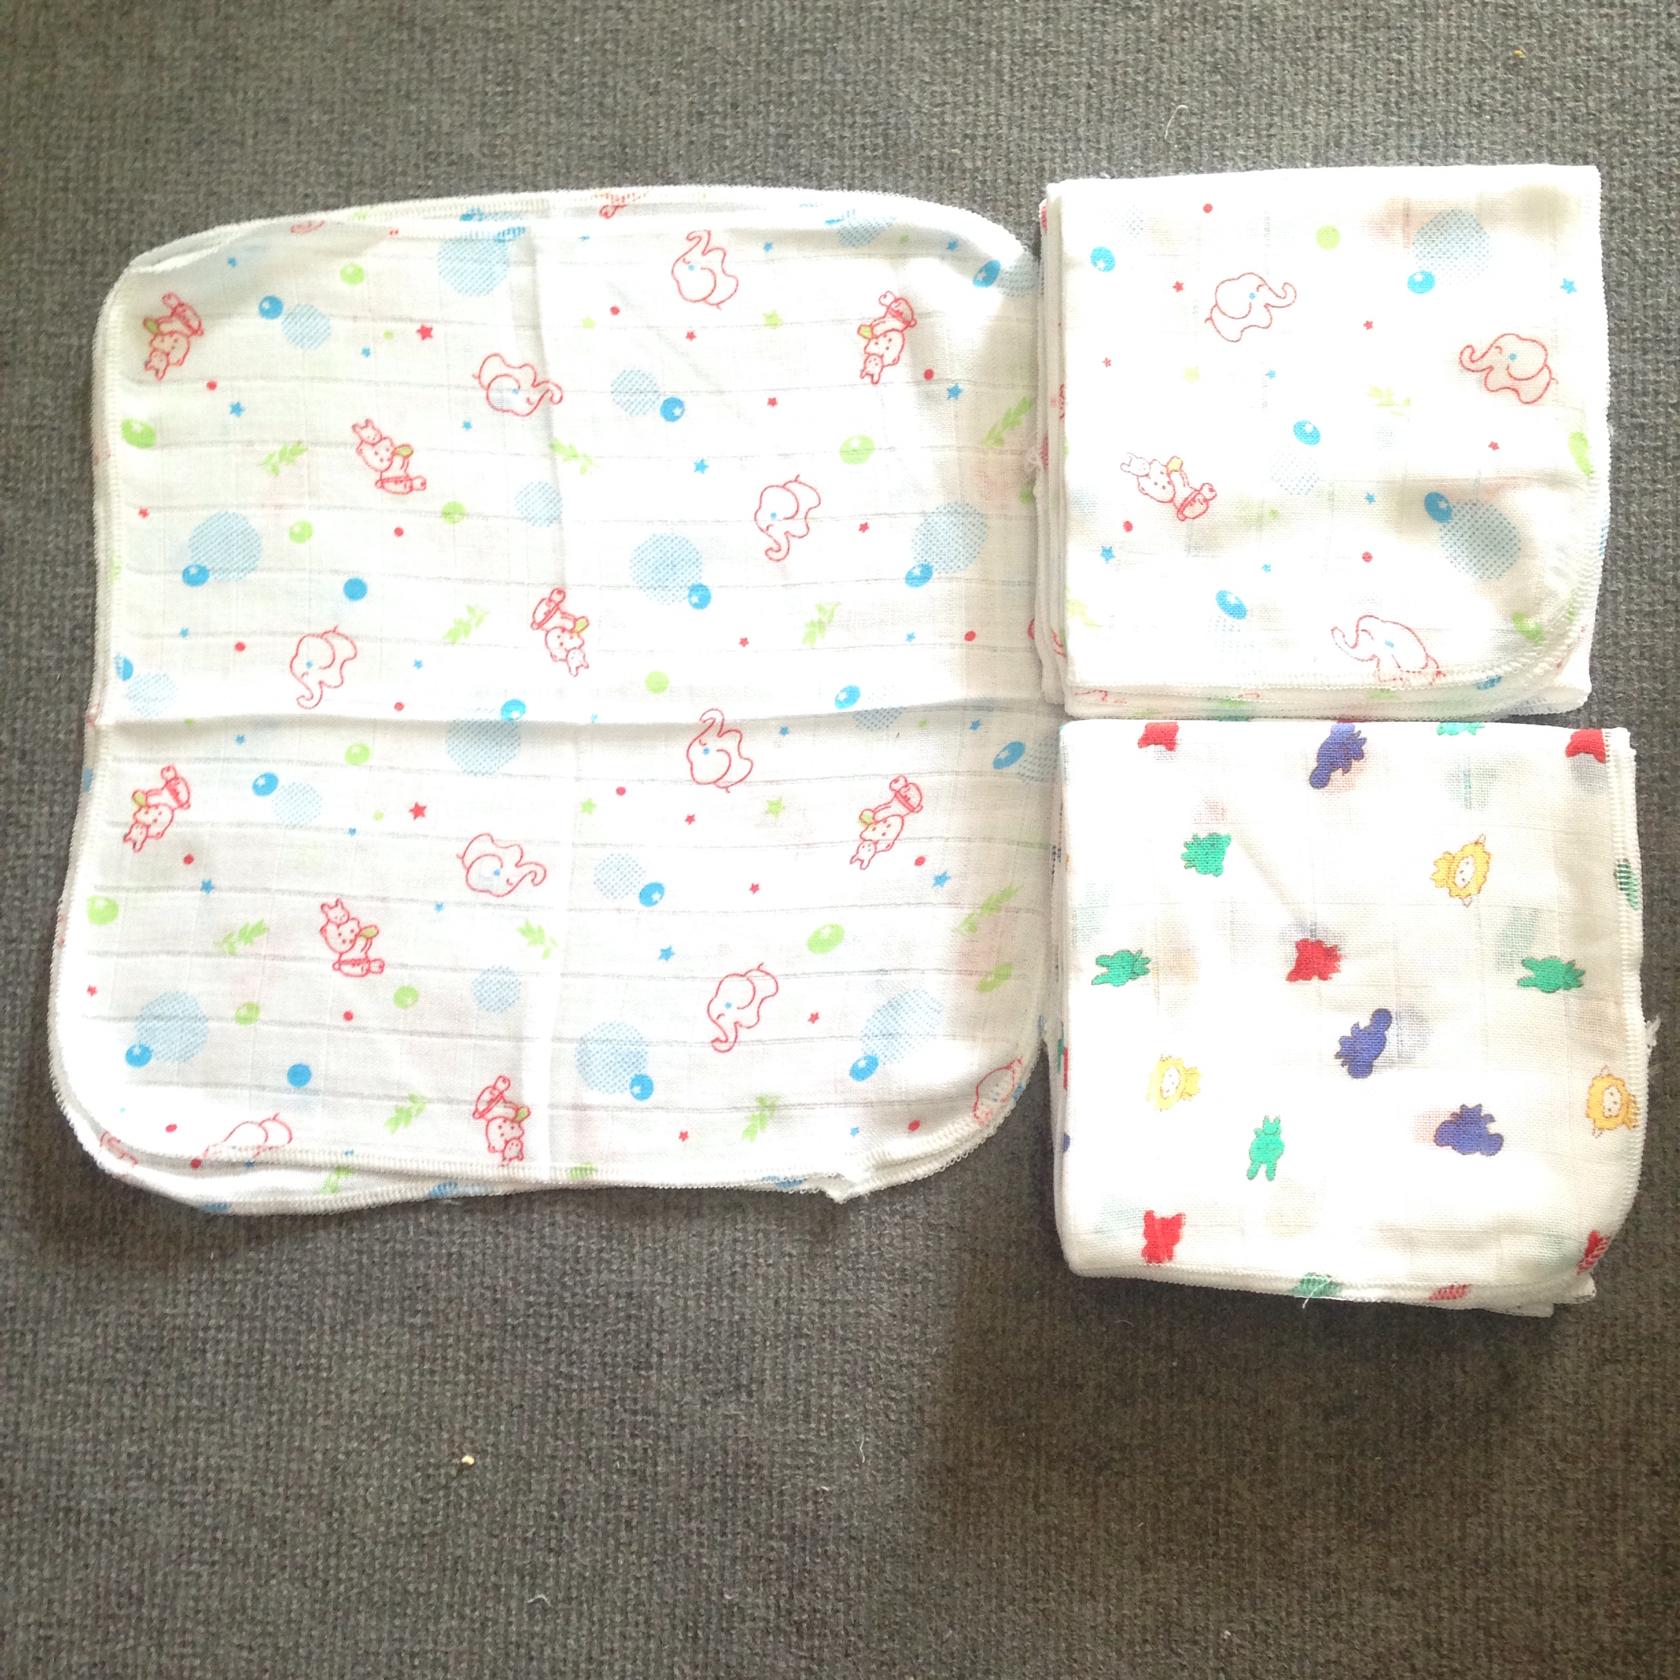 Khăn sữa cotton có hình cho bé - Họa tiết ngẫu nhiên ( Set 10 cái)